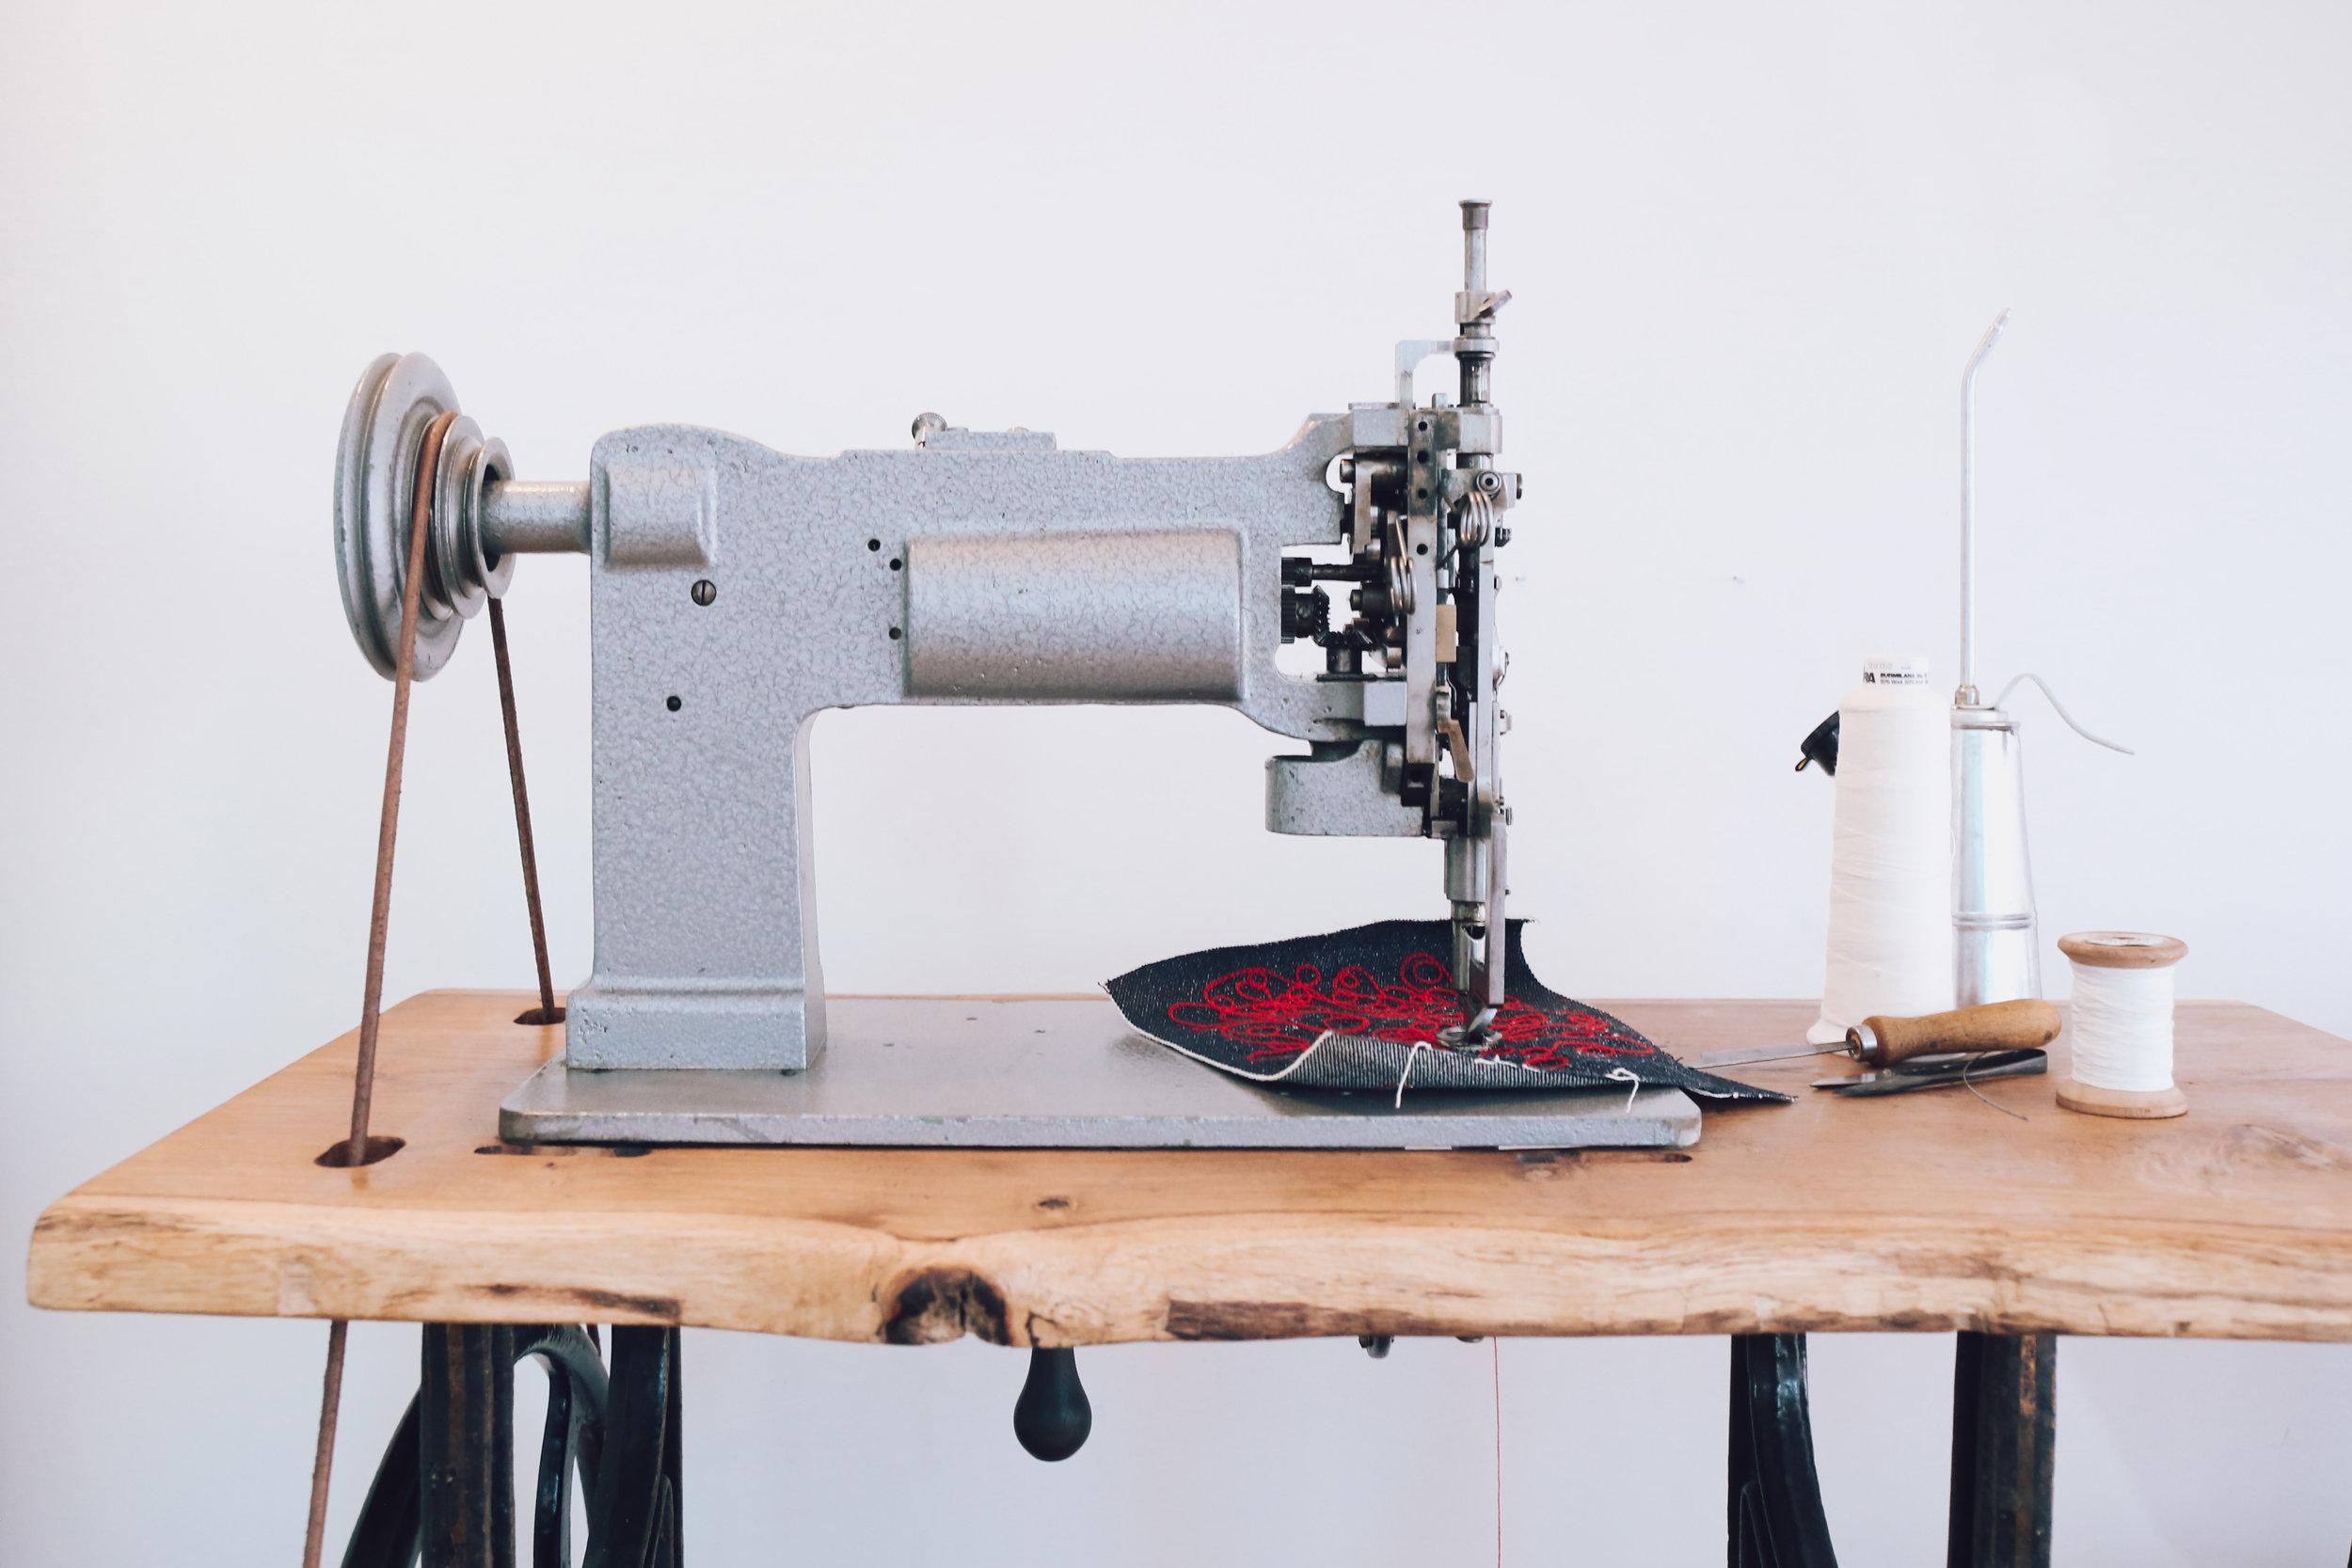 Chainstitch Machine Cornely LG Saint Chains Chain Stitch Vintage